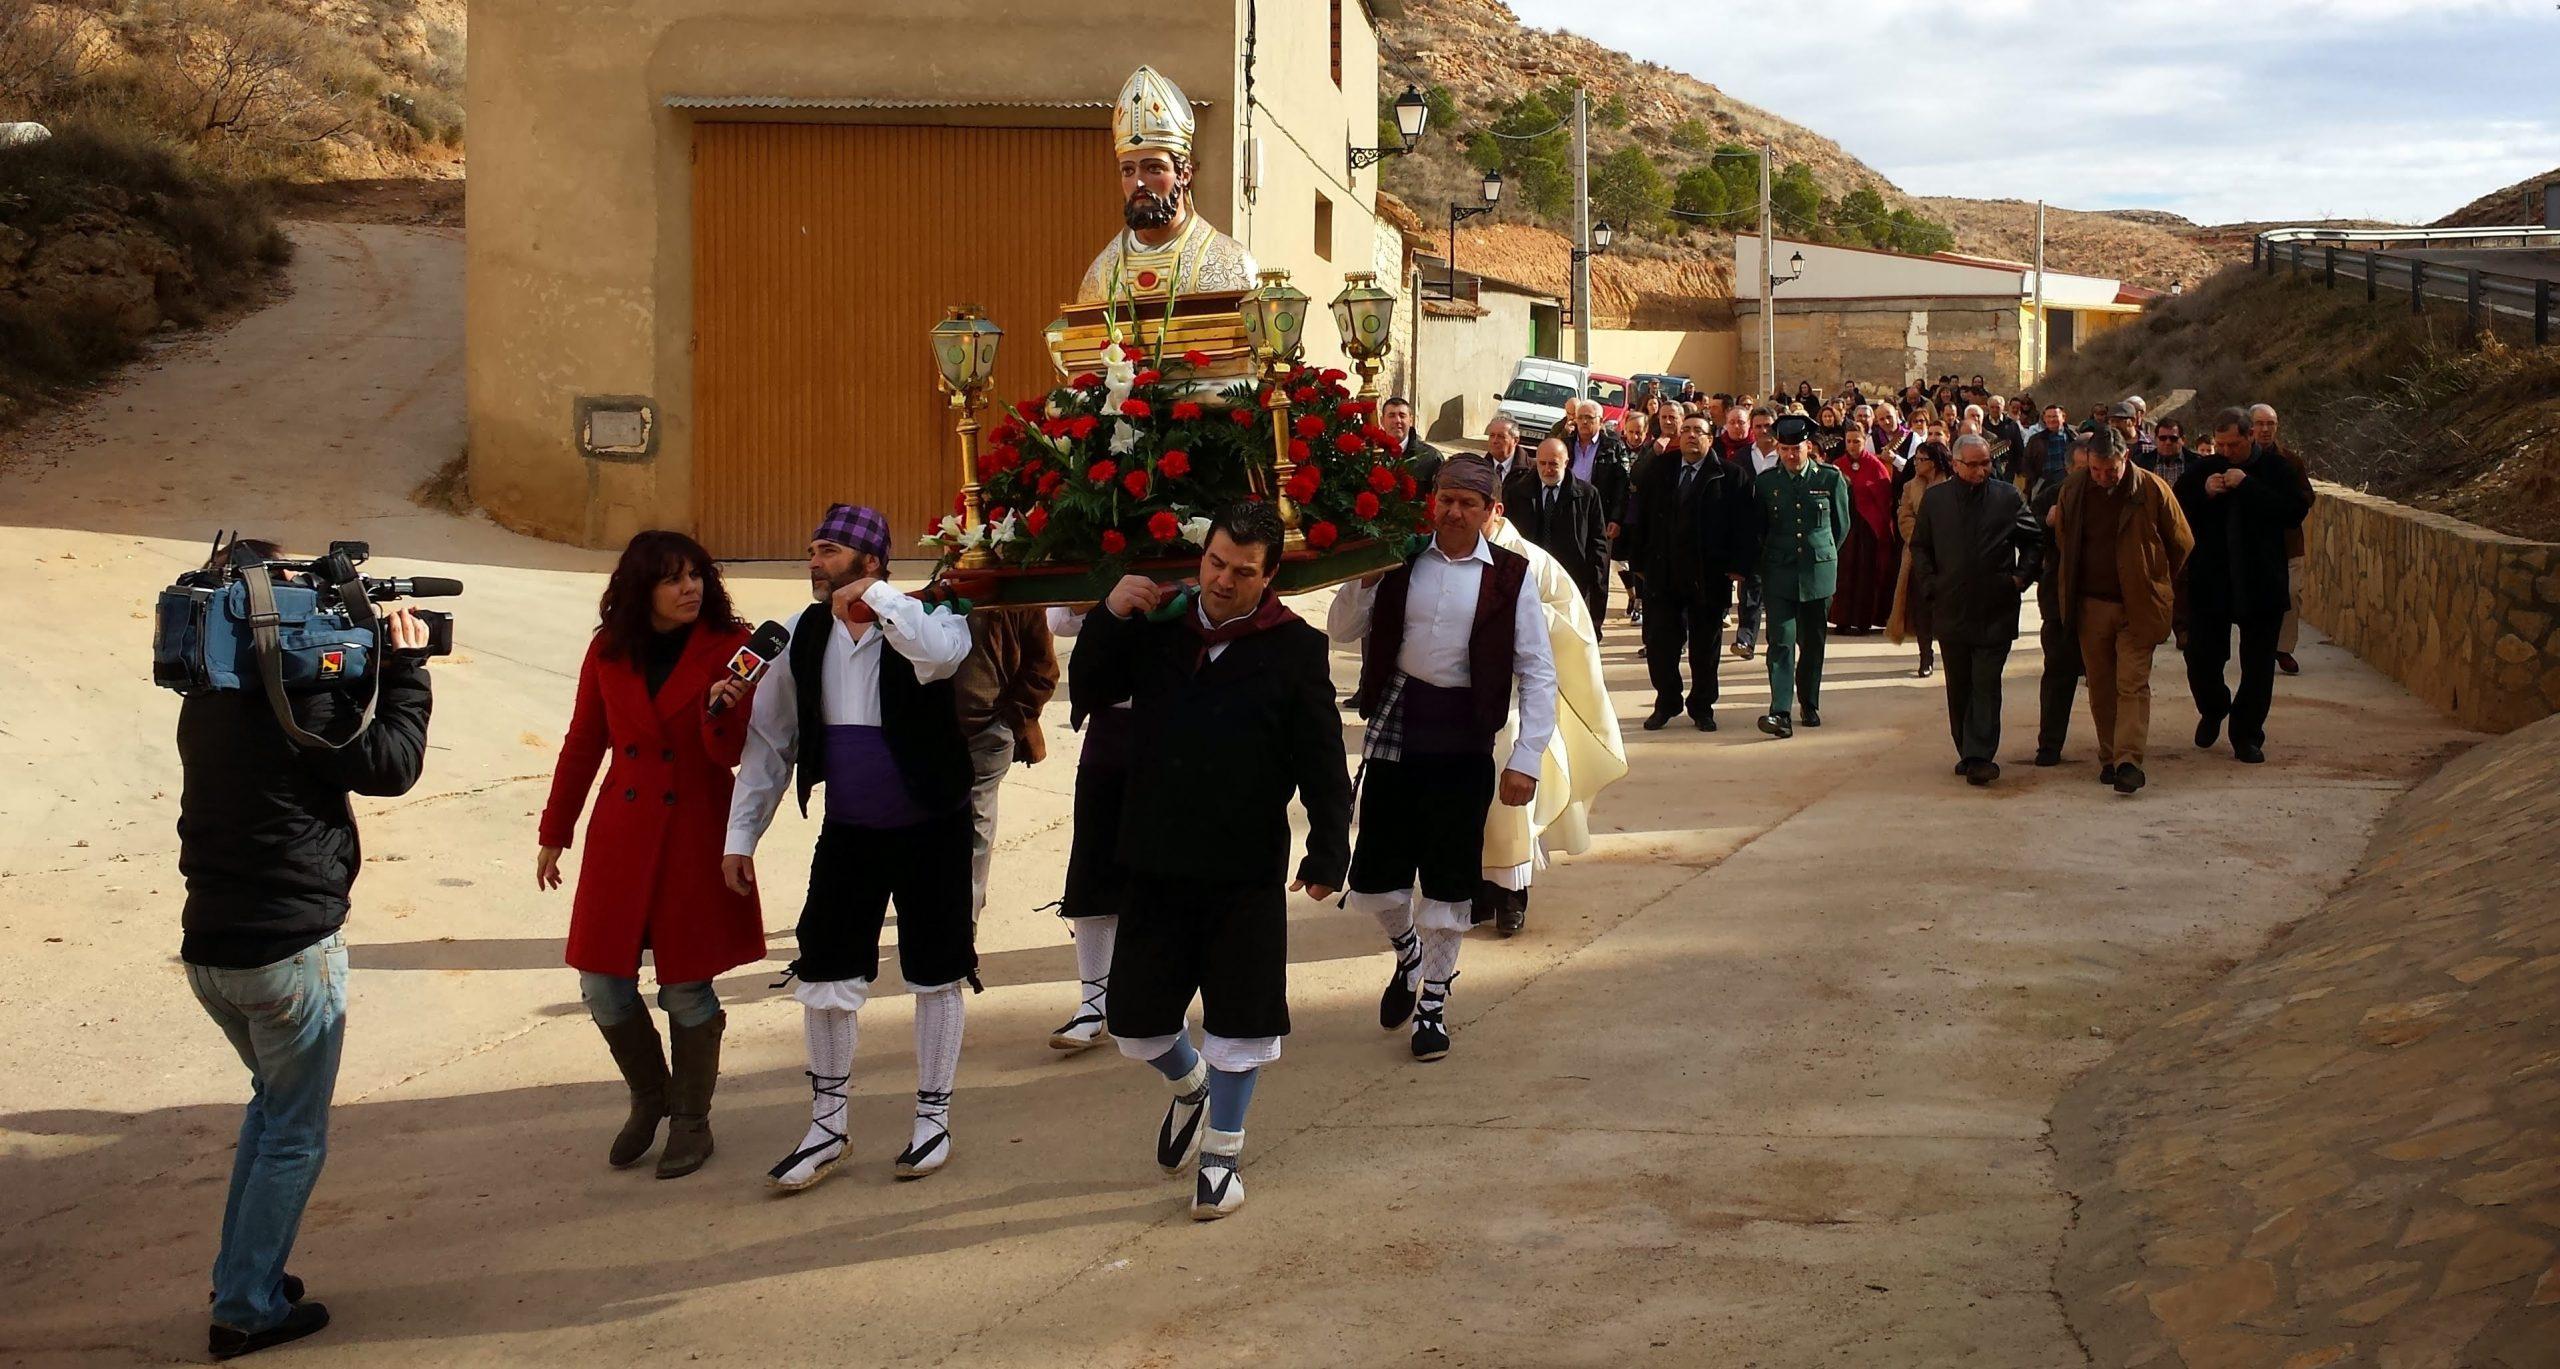 Aragón en Abierto (Aragón TV) cubre la procesión de 2014. >> Pincha para verla en la galería.